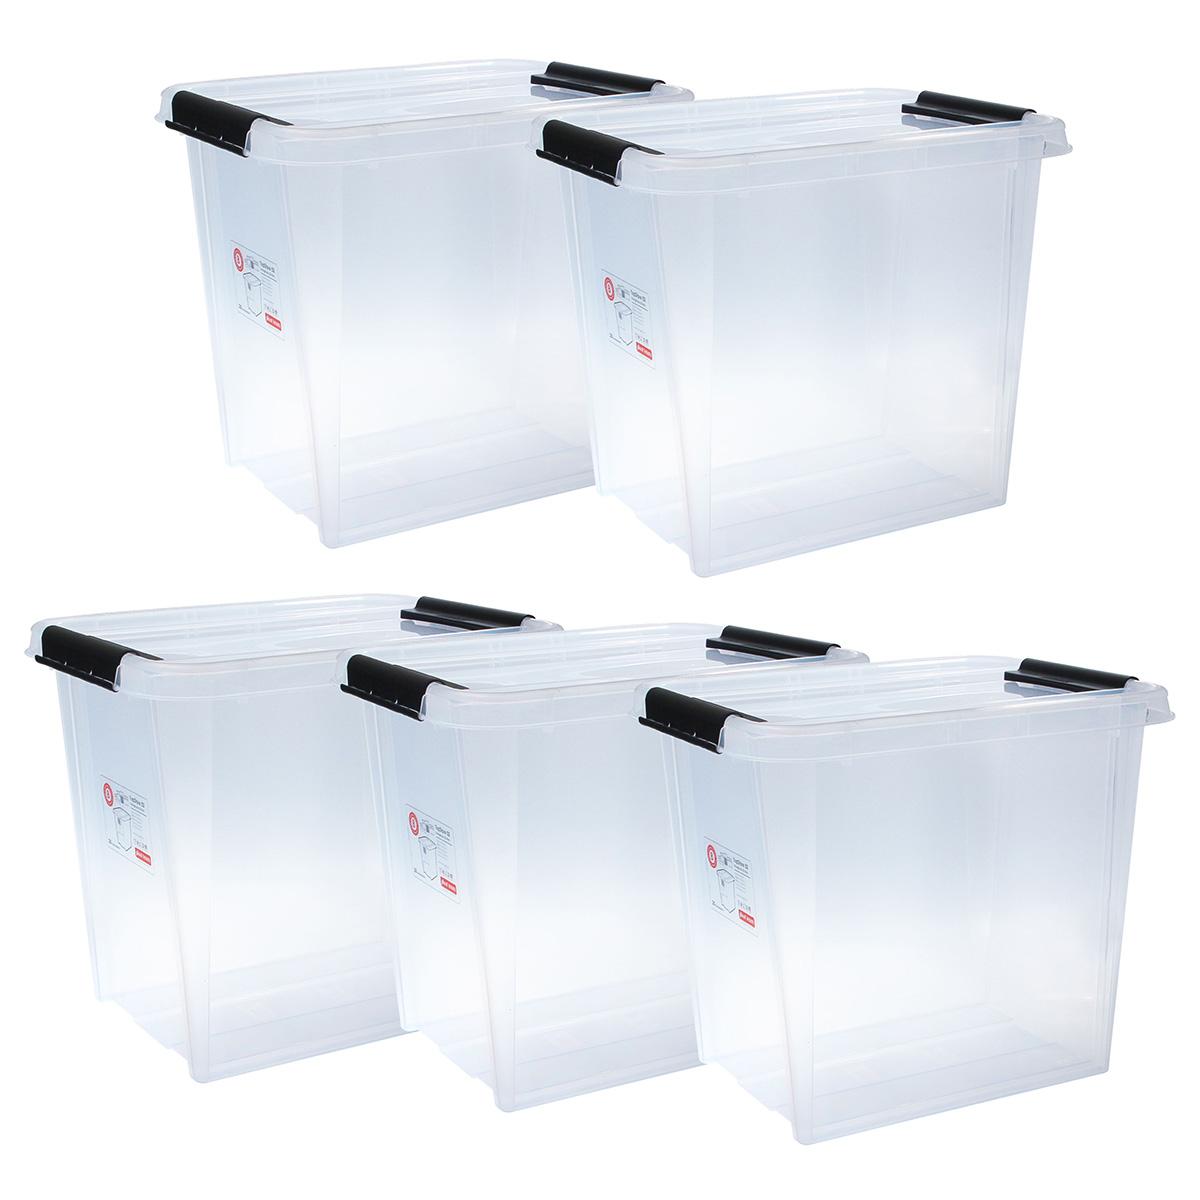 Billede af Top store opbevaringskasse - 52 liter